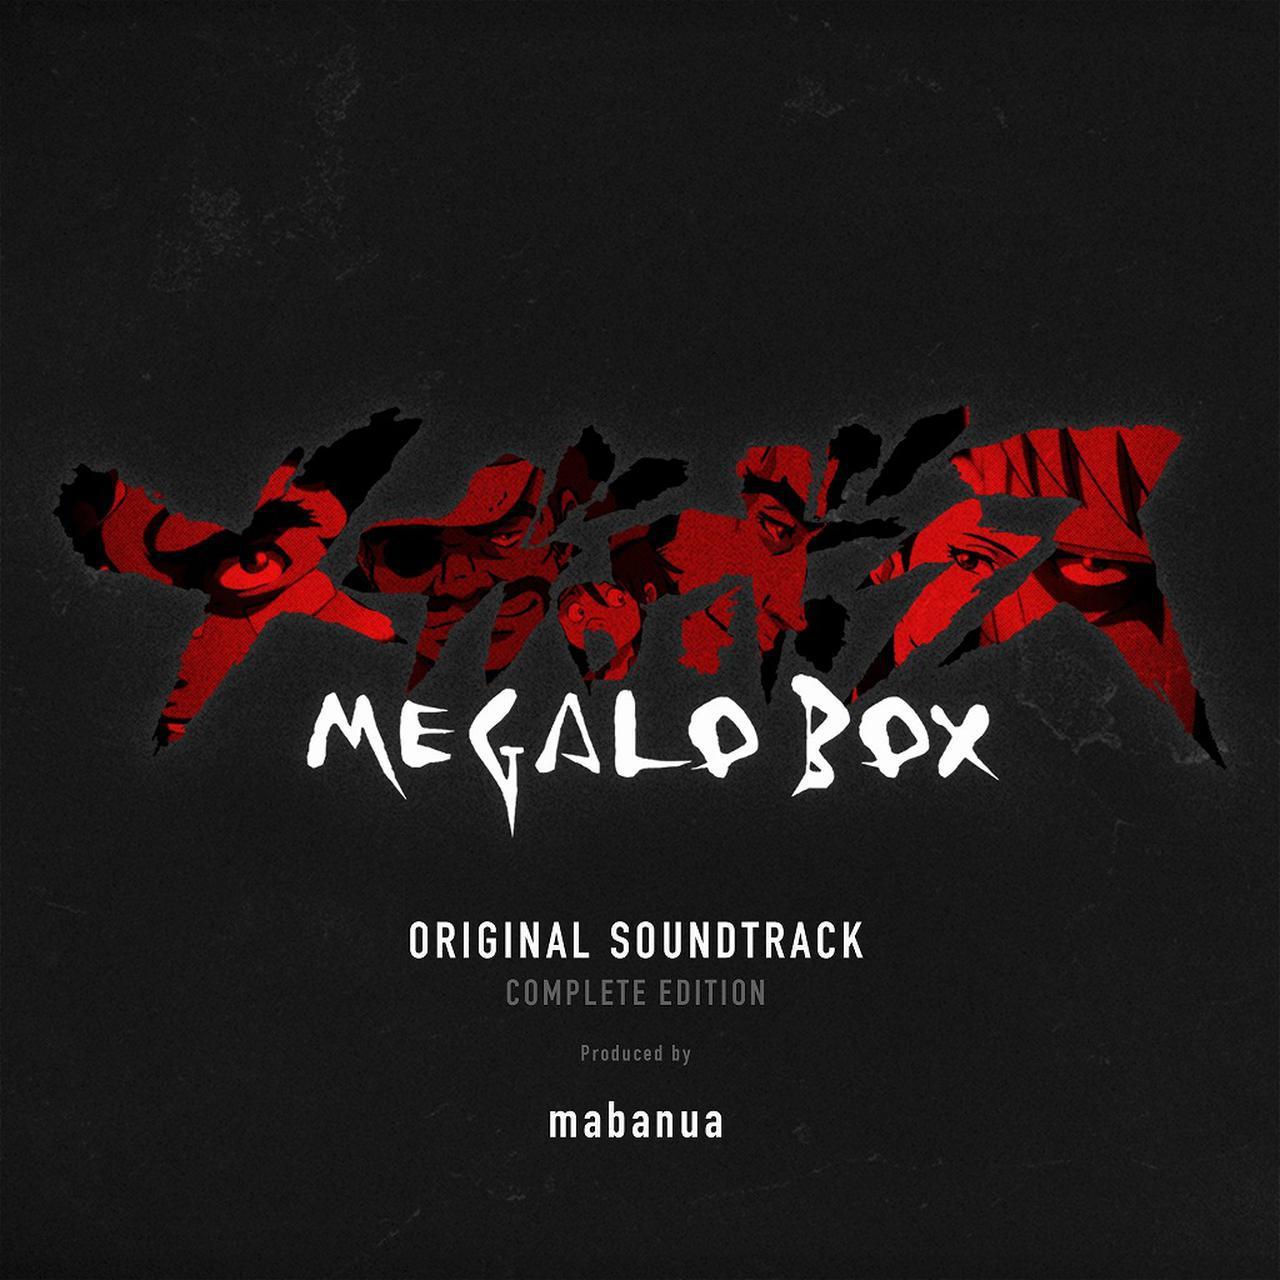 画像: MEGALOBOX Original Soundtrack (Complete Edition) (PCM 48kHz/24bit) / mabanua and more